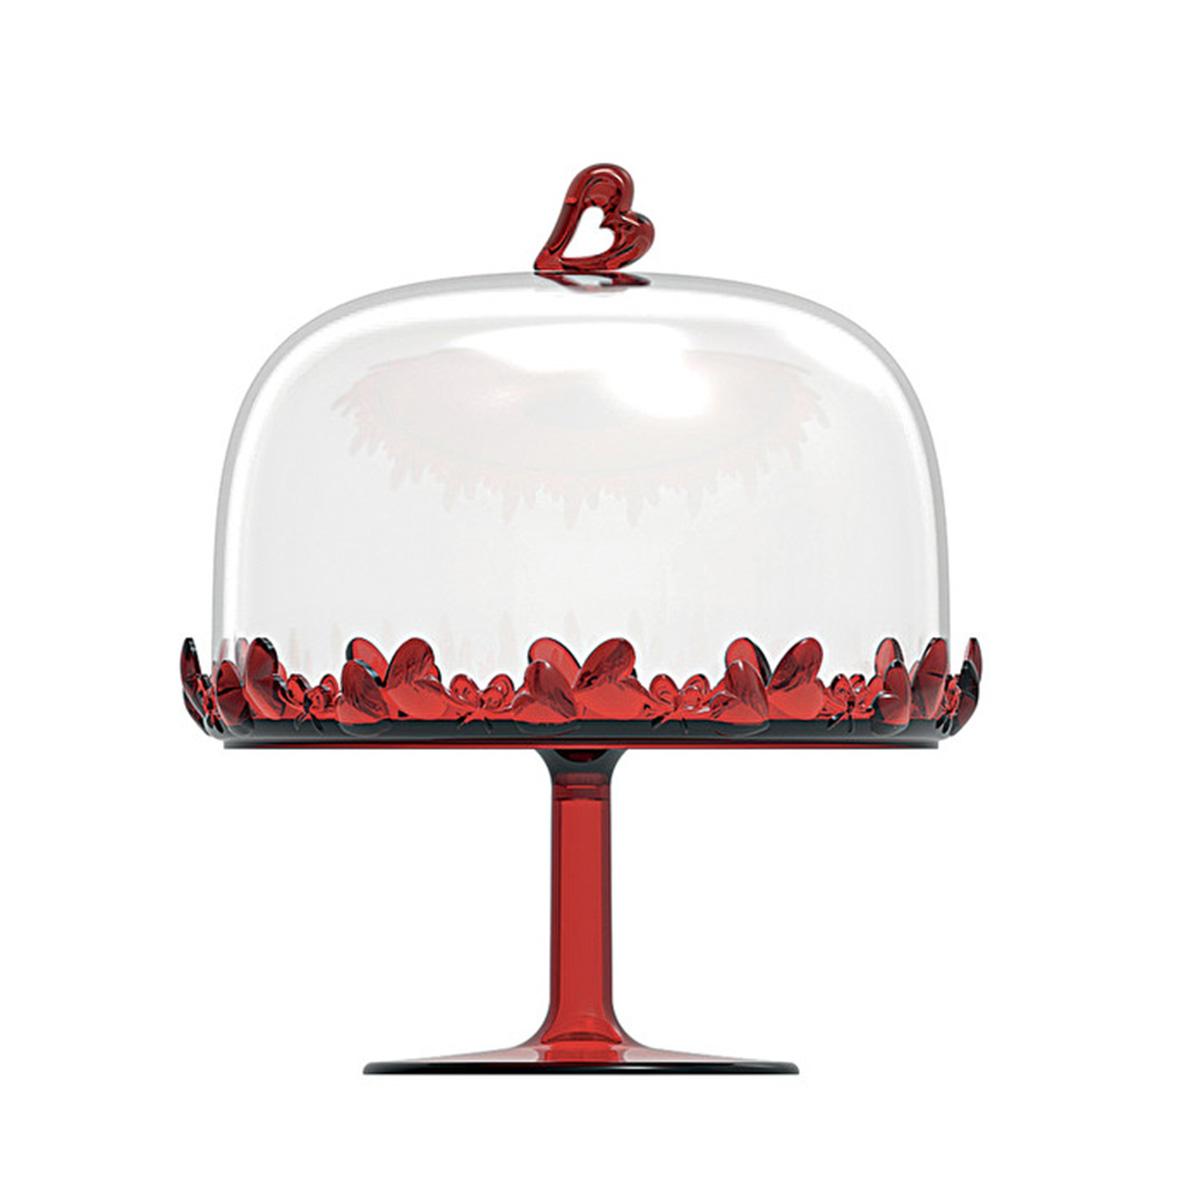 Činija za kolače LOVE 1155.01.65 crvena